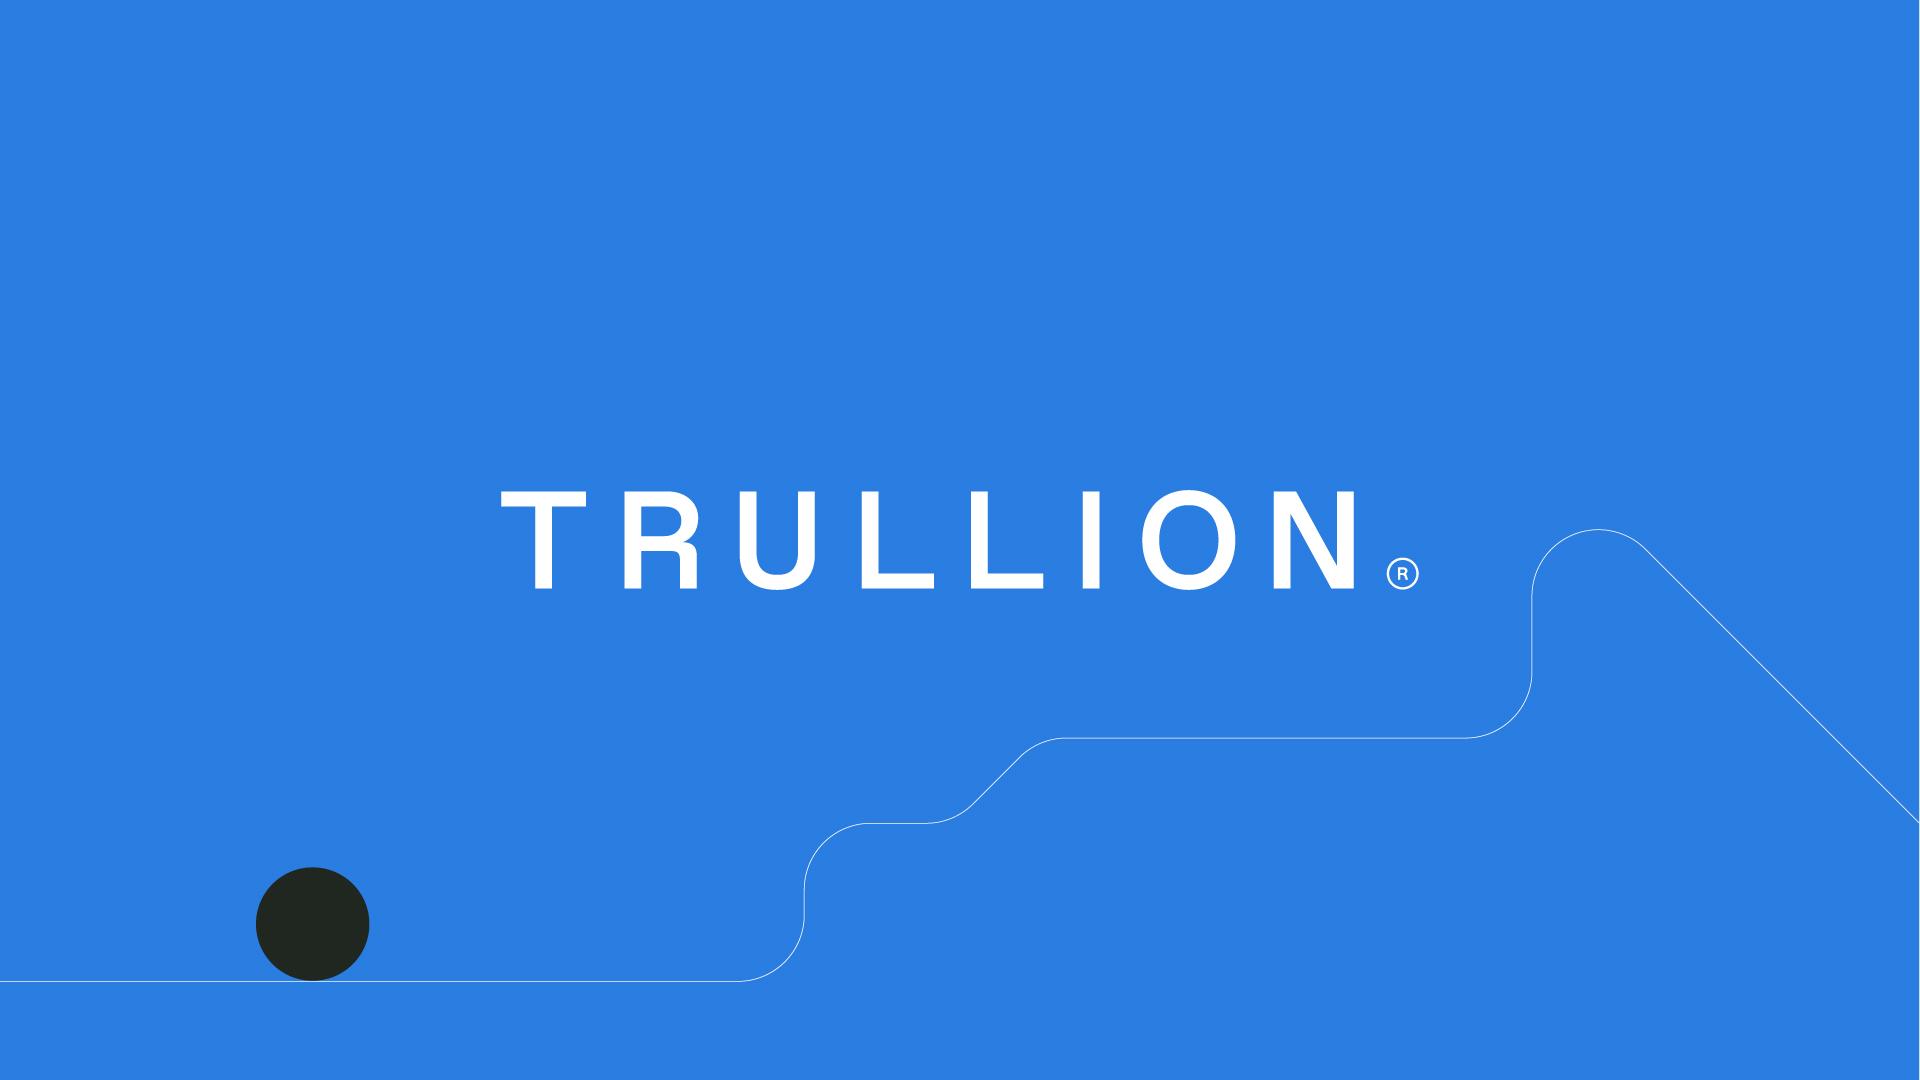 Trullion-1-100-1